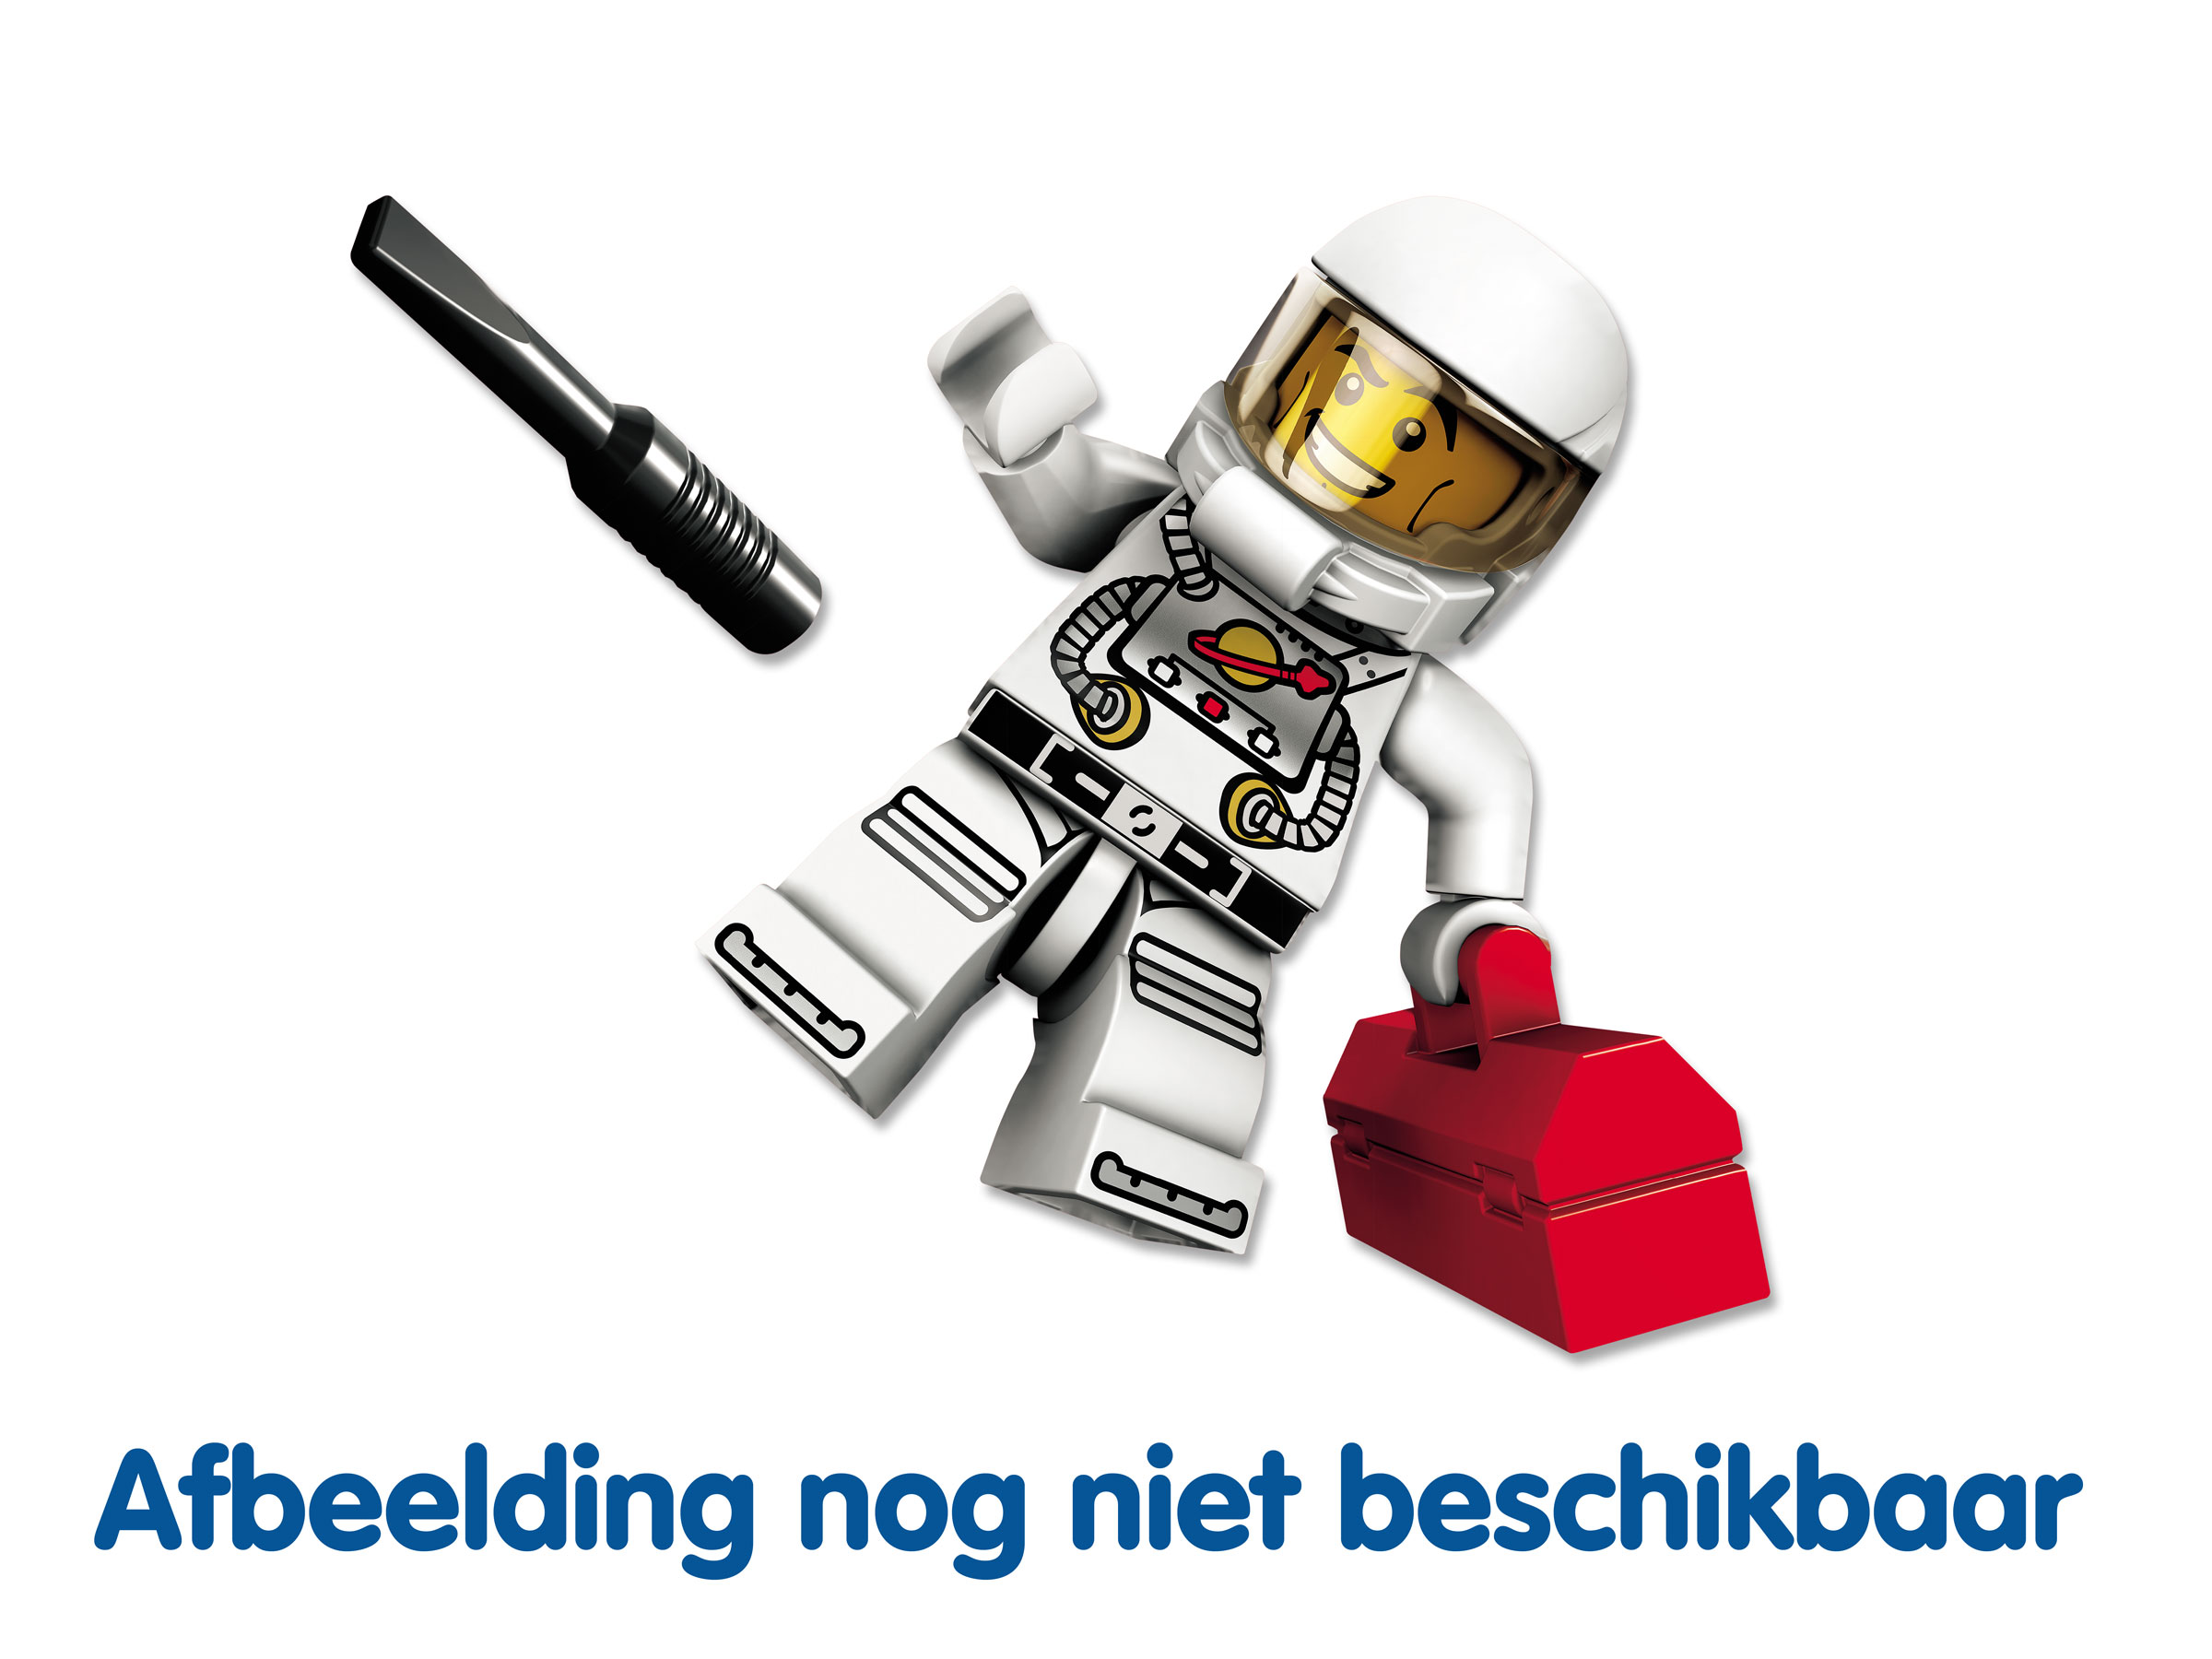 LEGO Nexo Knights 72001 Lance's zweefjouster